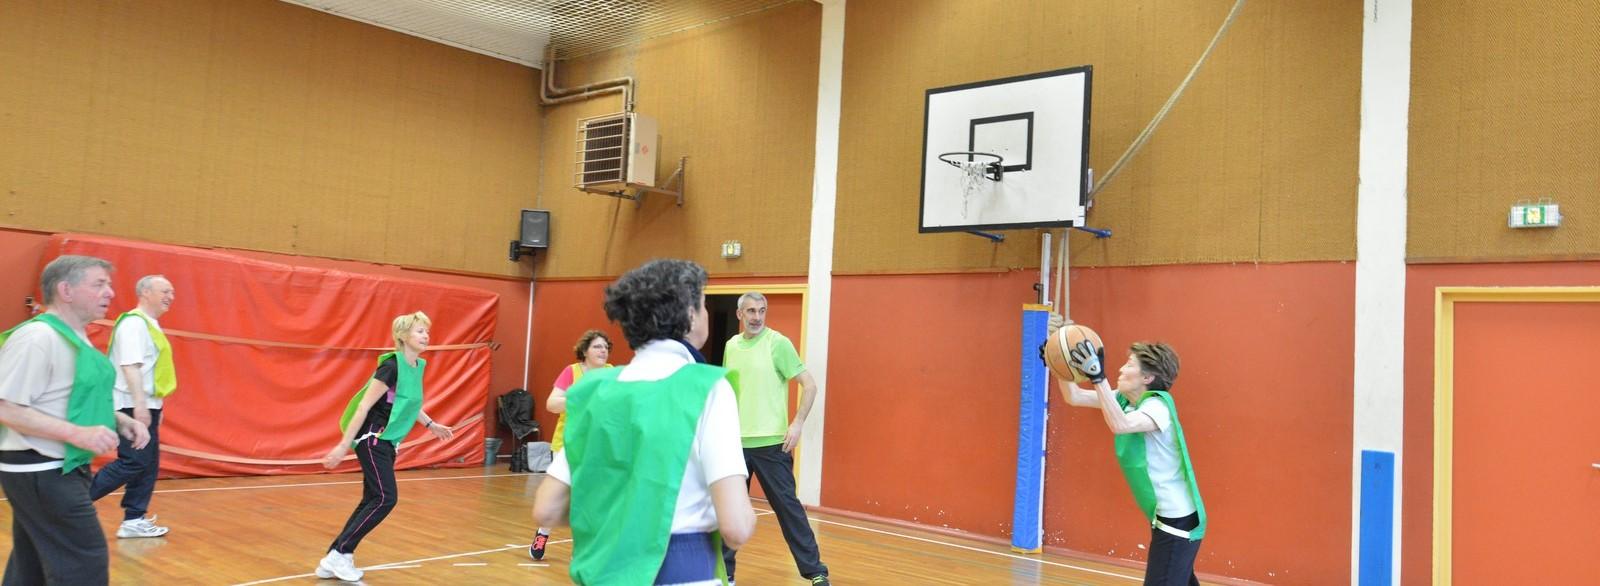 basket-slider